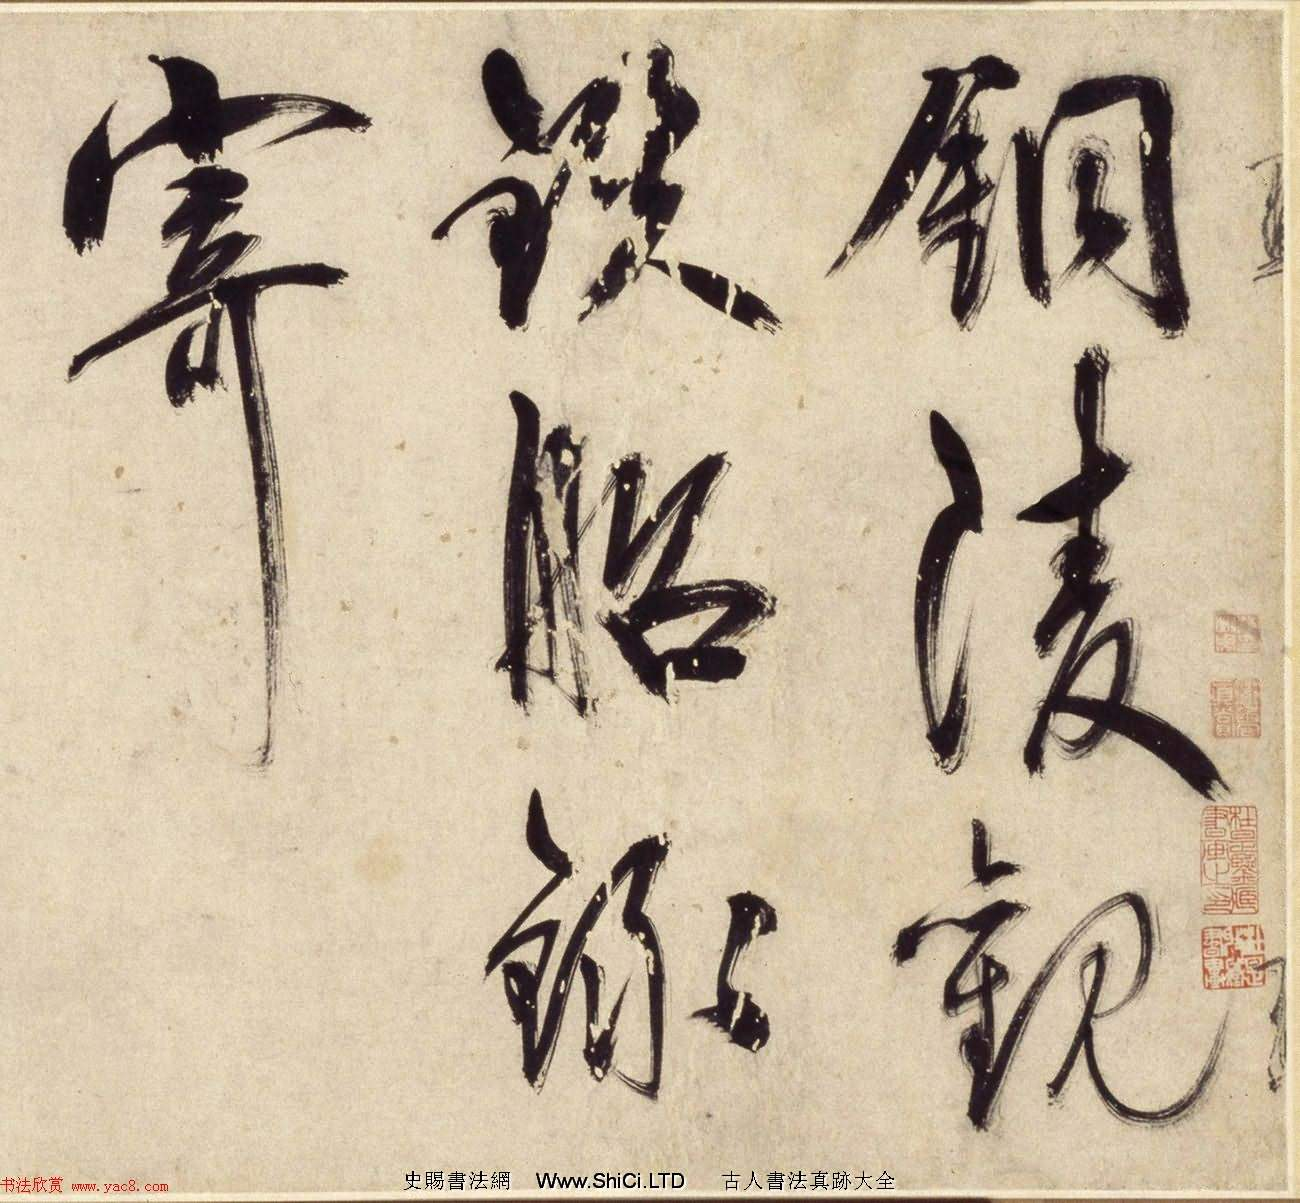 王守仁49歲大字行書《銅陵觀鐵船歌》卷(共21張圖片)